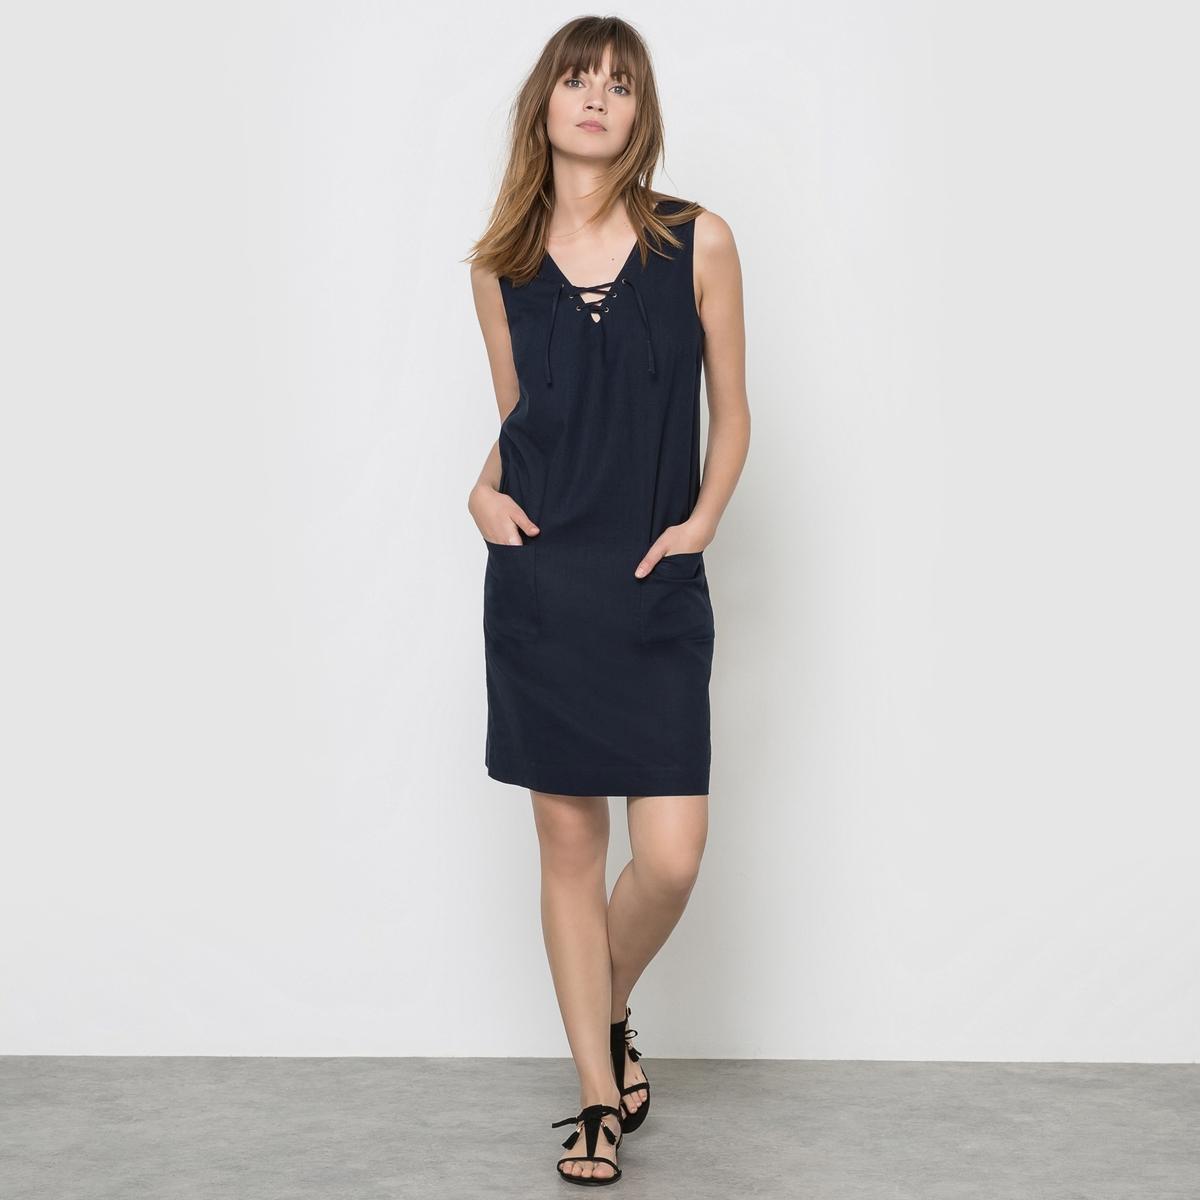 Платье из льна/хлопкаПлатье без рукавов 55% льна, 45% хлопка .  Платье  V-образный воротник со шнуровкой 2 накладных кармана спереди Длина 90 см .<br><br>Цвет: зеленый хаки,розовый фуксия,синий морской,черный<br>Размер: 40 (FR) - 46 (RUS).42 (FR) - 48 (RUS)